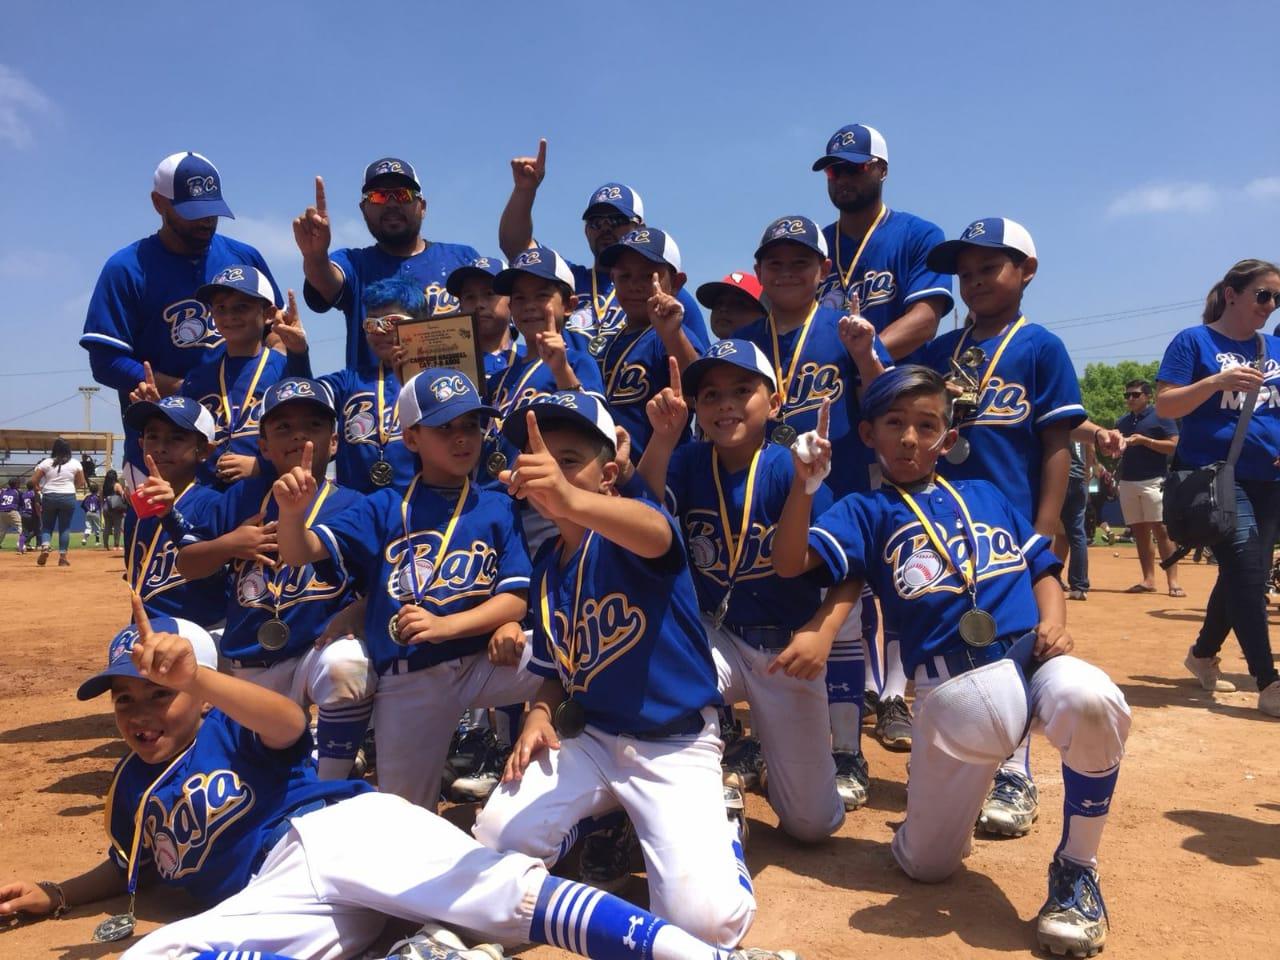 BC gana nacional de beisbol 7-8 años a Nuevo León